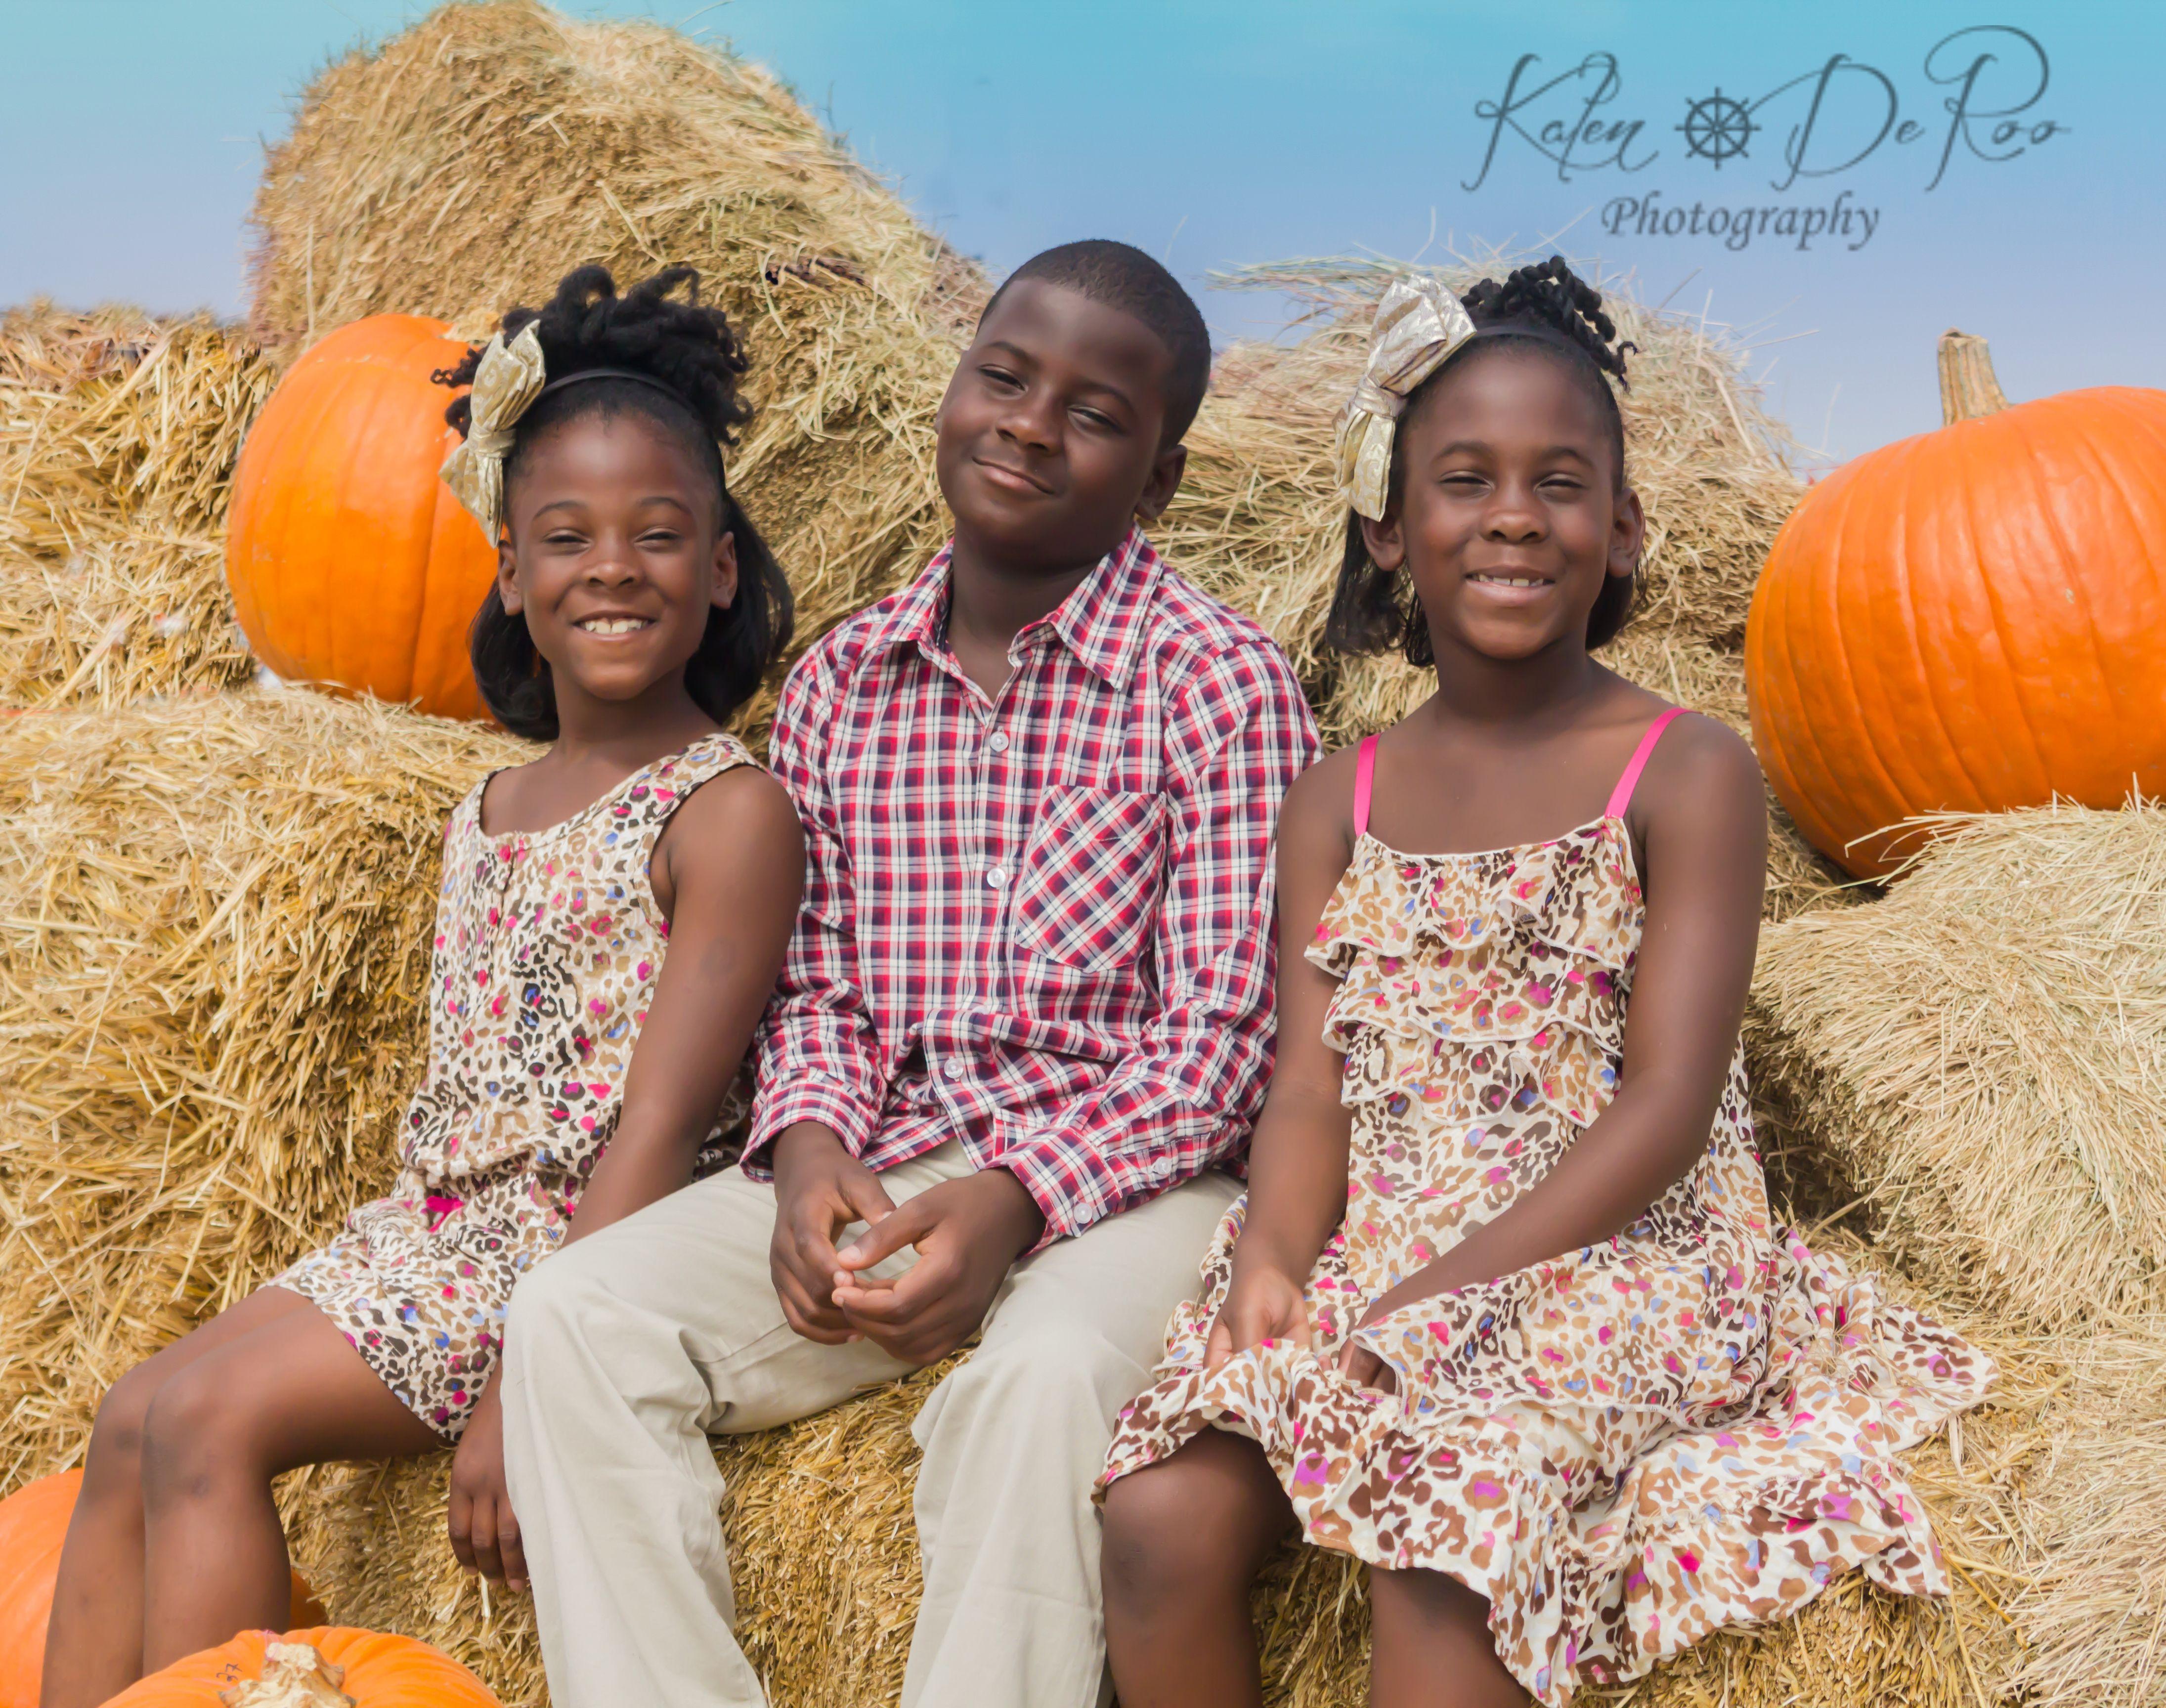 Kalen DeRoo Photography Serving North Dallas DFW area